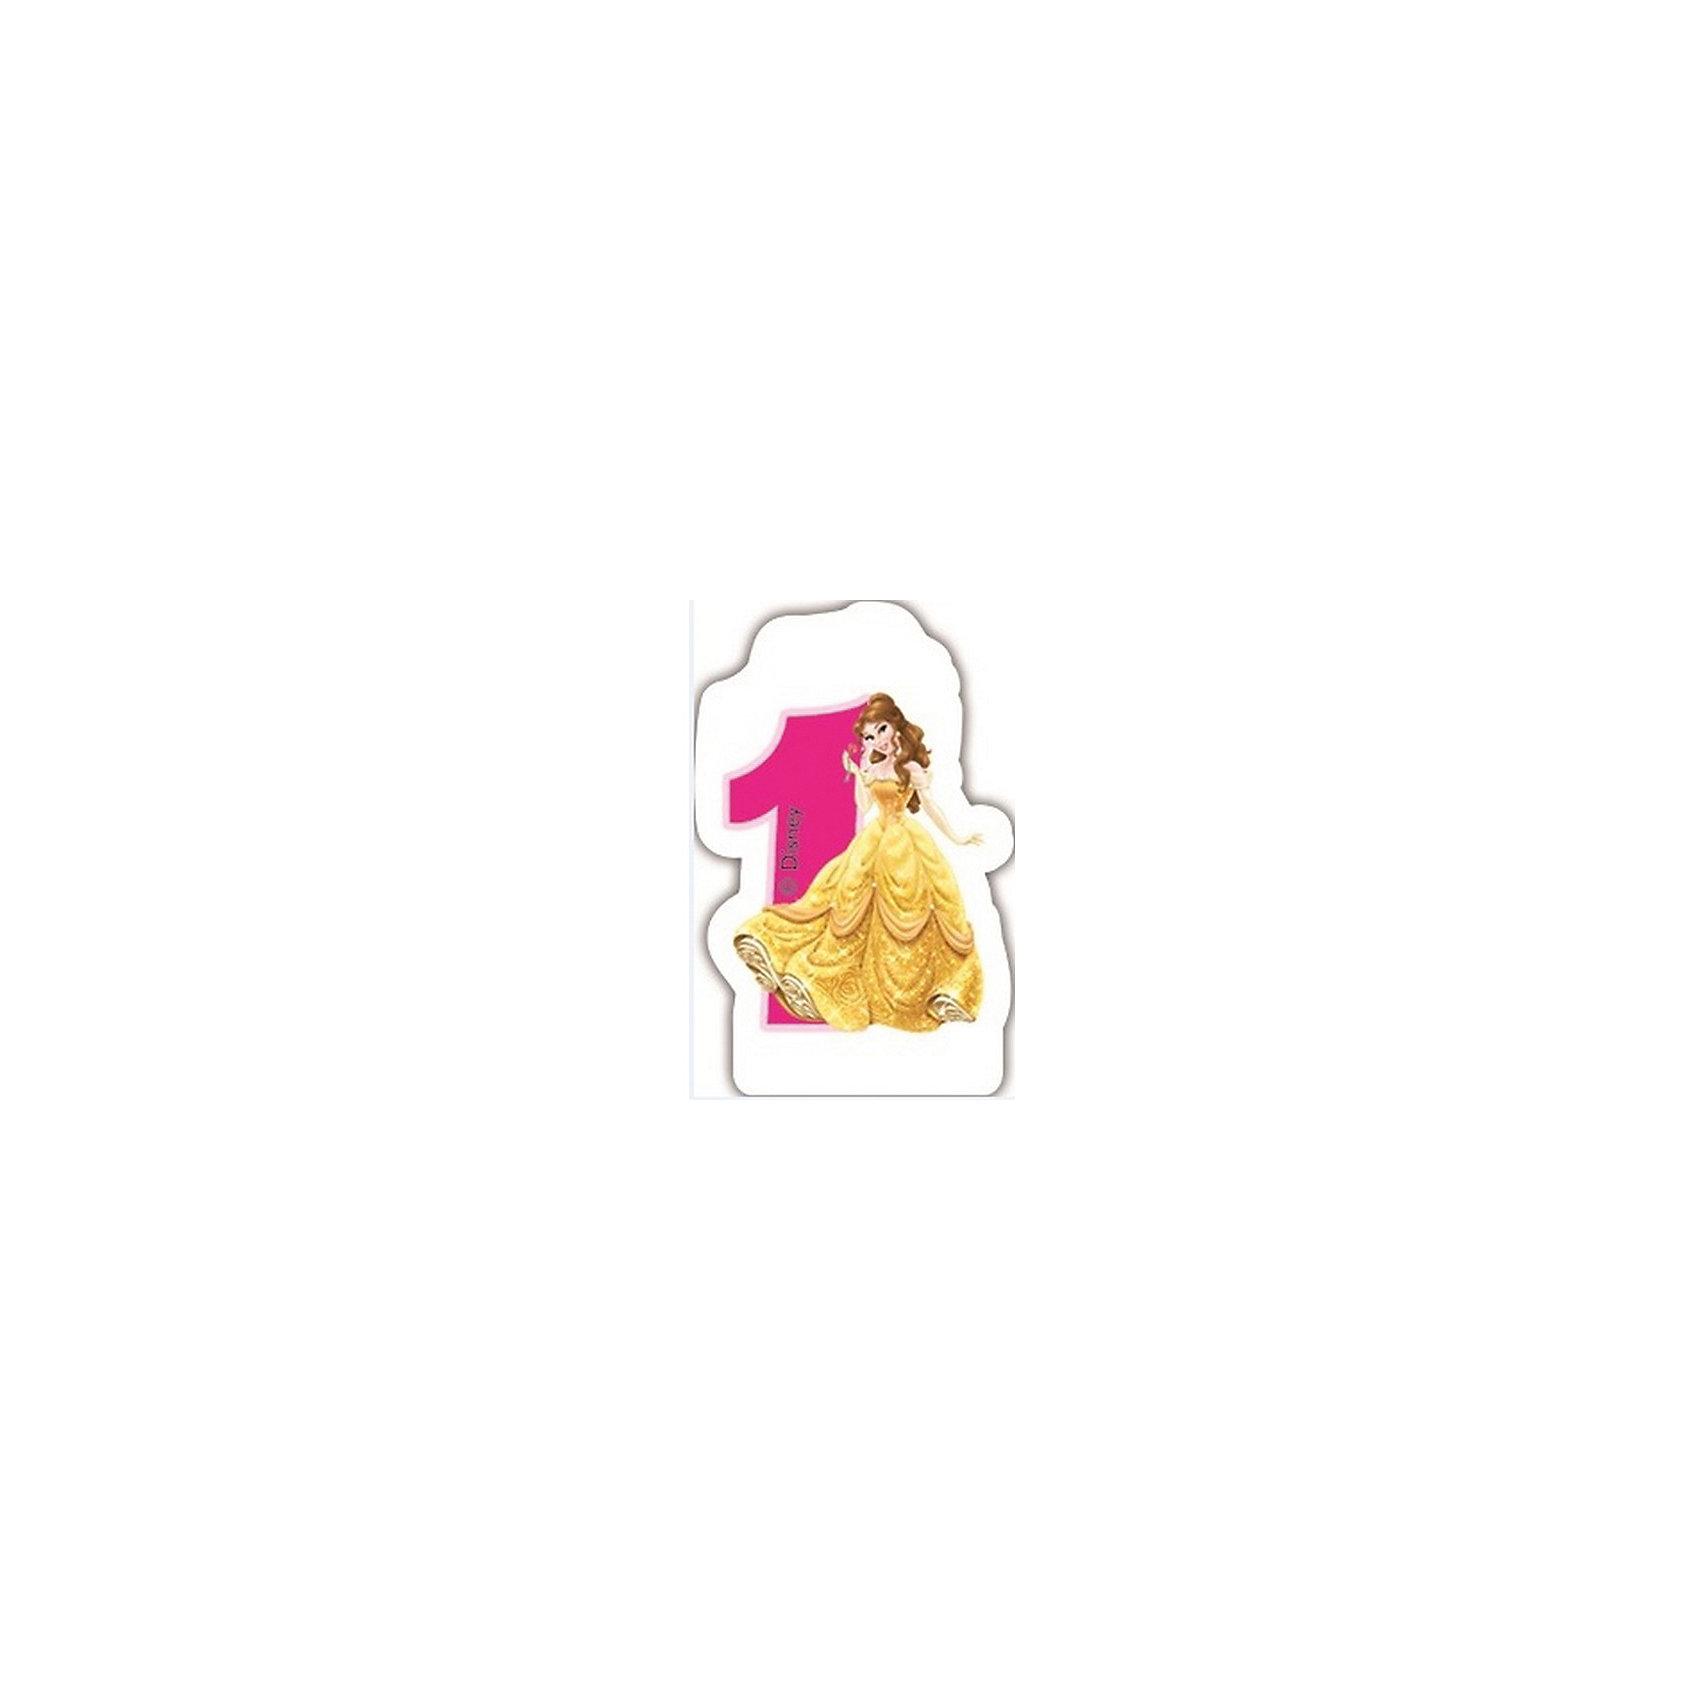 Объемная свечка Принцессы 1 год , Принцессы ДиснейОбъемная свечка Принцессы 1 год, Disney Princess (Принцессы Дисней) украсит праздничный торт Вашей малышки на ее первом Дне рождения. Свечка выполнена в форме цифры 1 с фигуркой сказочной принцессы из диснеевских мультфильмов. Яркая оригинальная свечка поможет создать волшебную атмосферу и уют на любимом детском празднике.<br><br>Дополнительная информация:<br><br>- Материал: парафин. <br>- Размер упаковки: 8 х 2 х 12 см.<br>- Вес: 50 гр.<br><br>Объемную свечку Принцессы 1 год, Disney Princess можно купить в нашем интернет-магазине.<br><br>Ширина мм: 80<br>Глубина мм: 20<br>Высота мм: 120<br>Вес г: 50<br>Возраст от месяцев: 12<br>Возраст до месяцев: 156<br>Пол: Женский<br>Возраст: Детский<br>SKU: 3711081